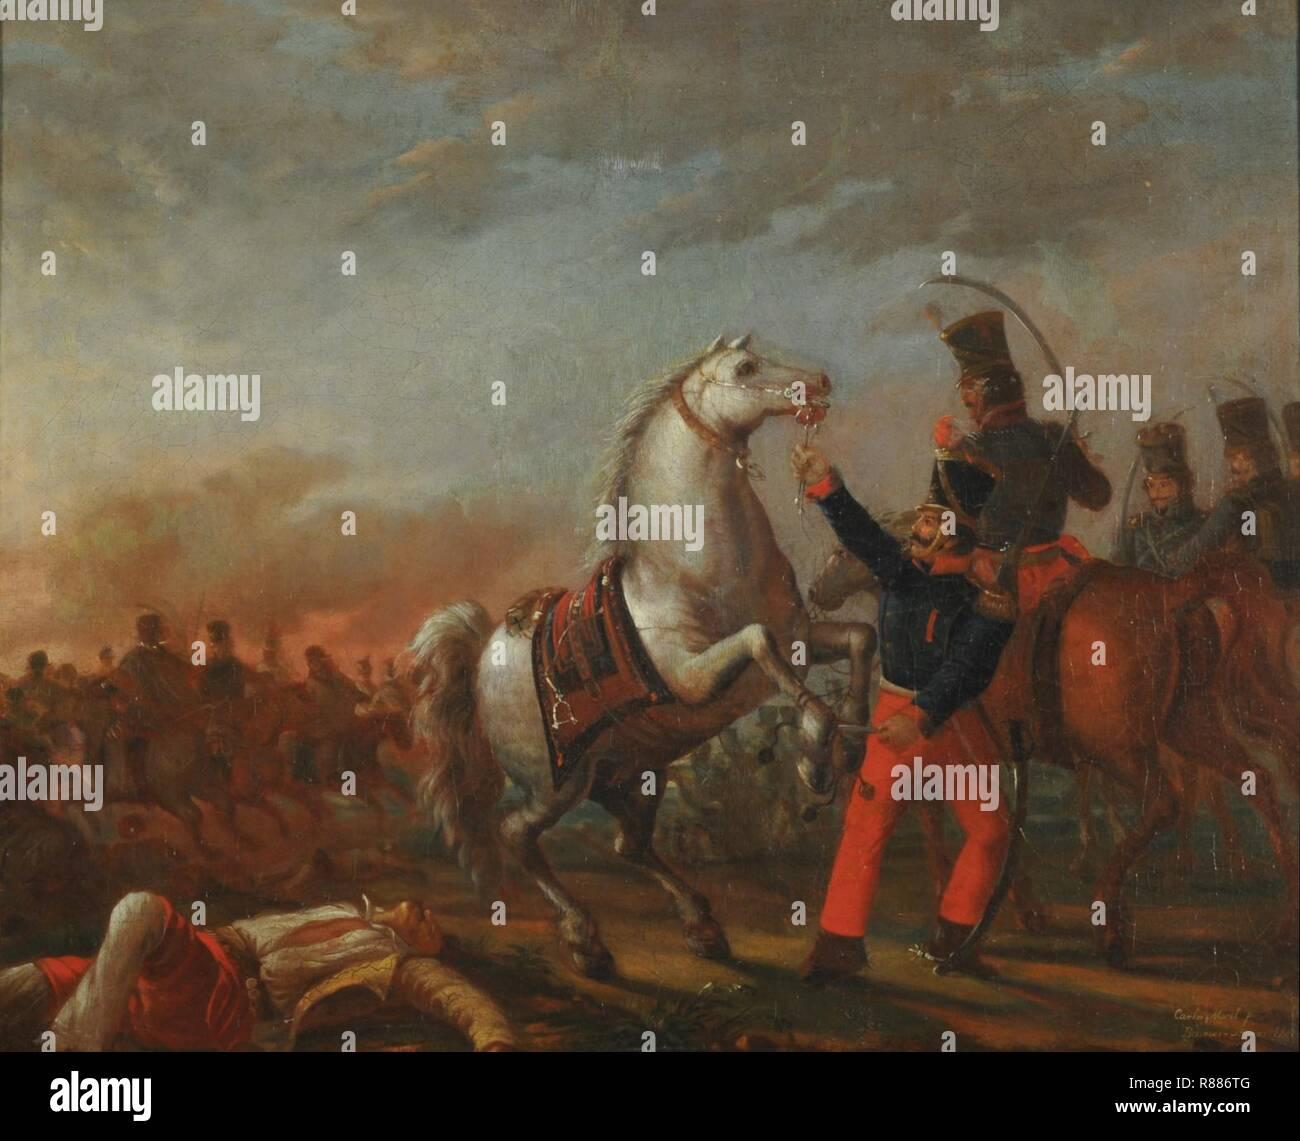 Carga de caballería.mnba. - Stock Image